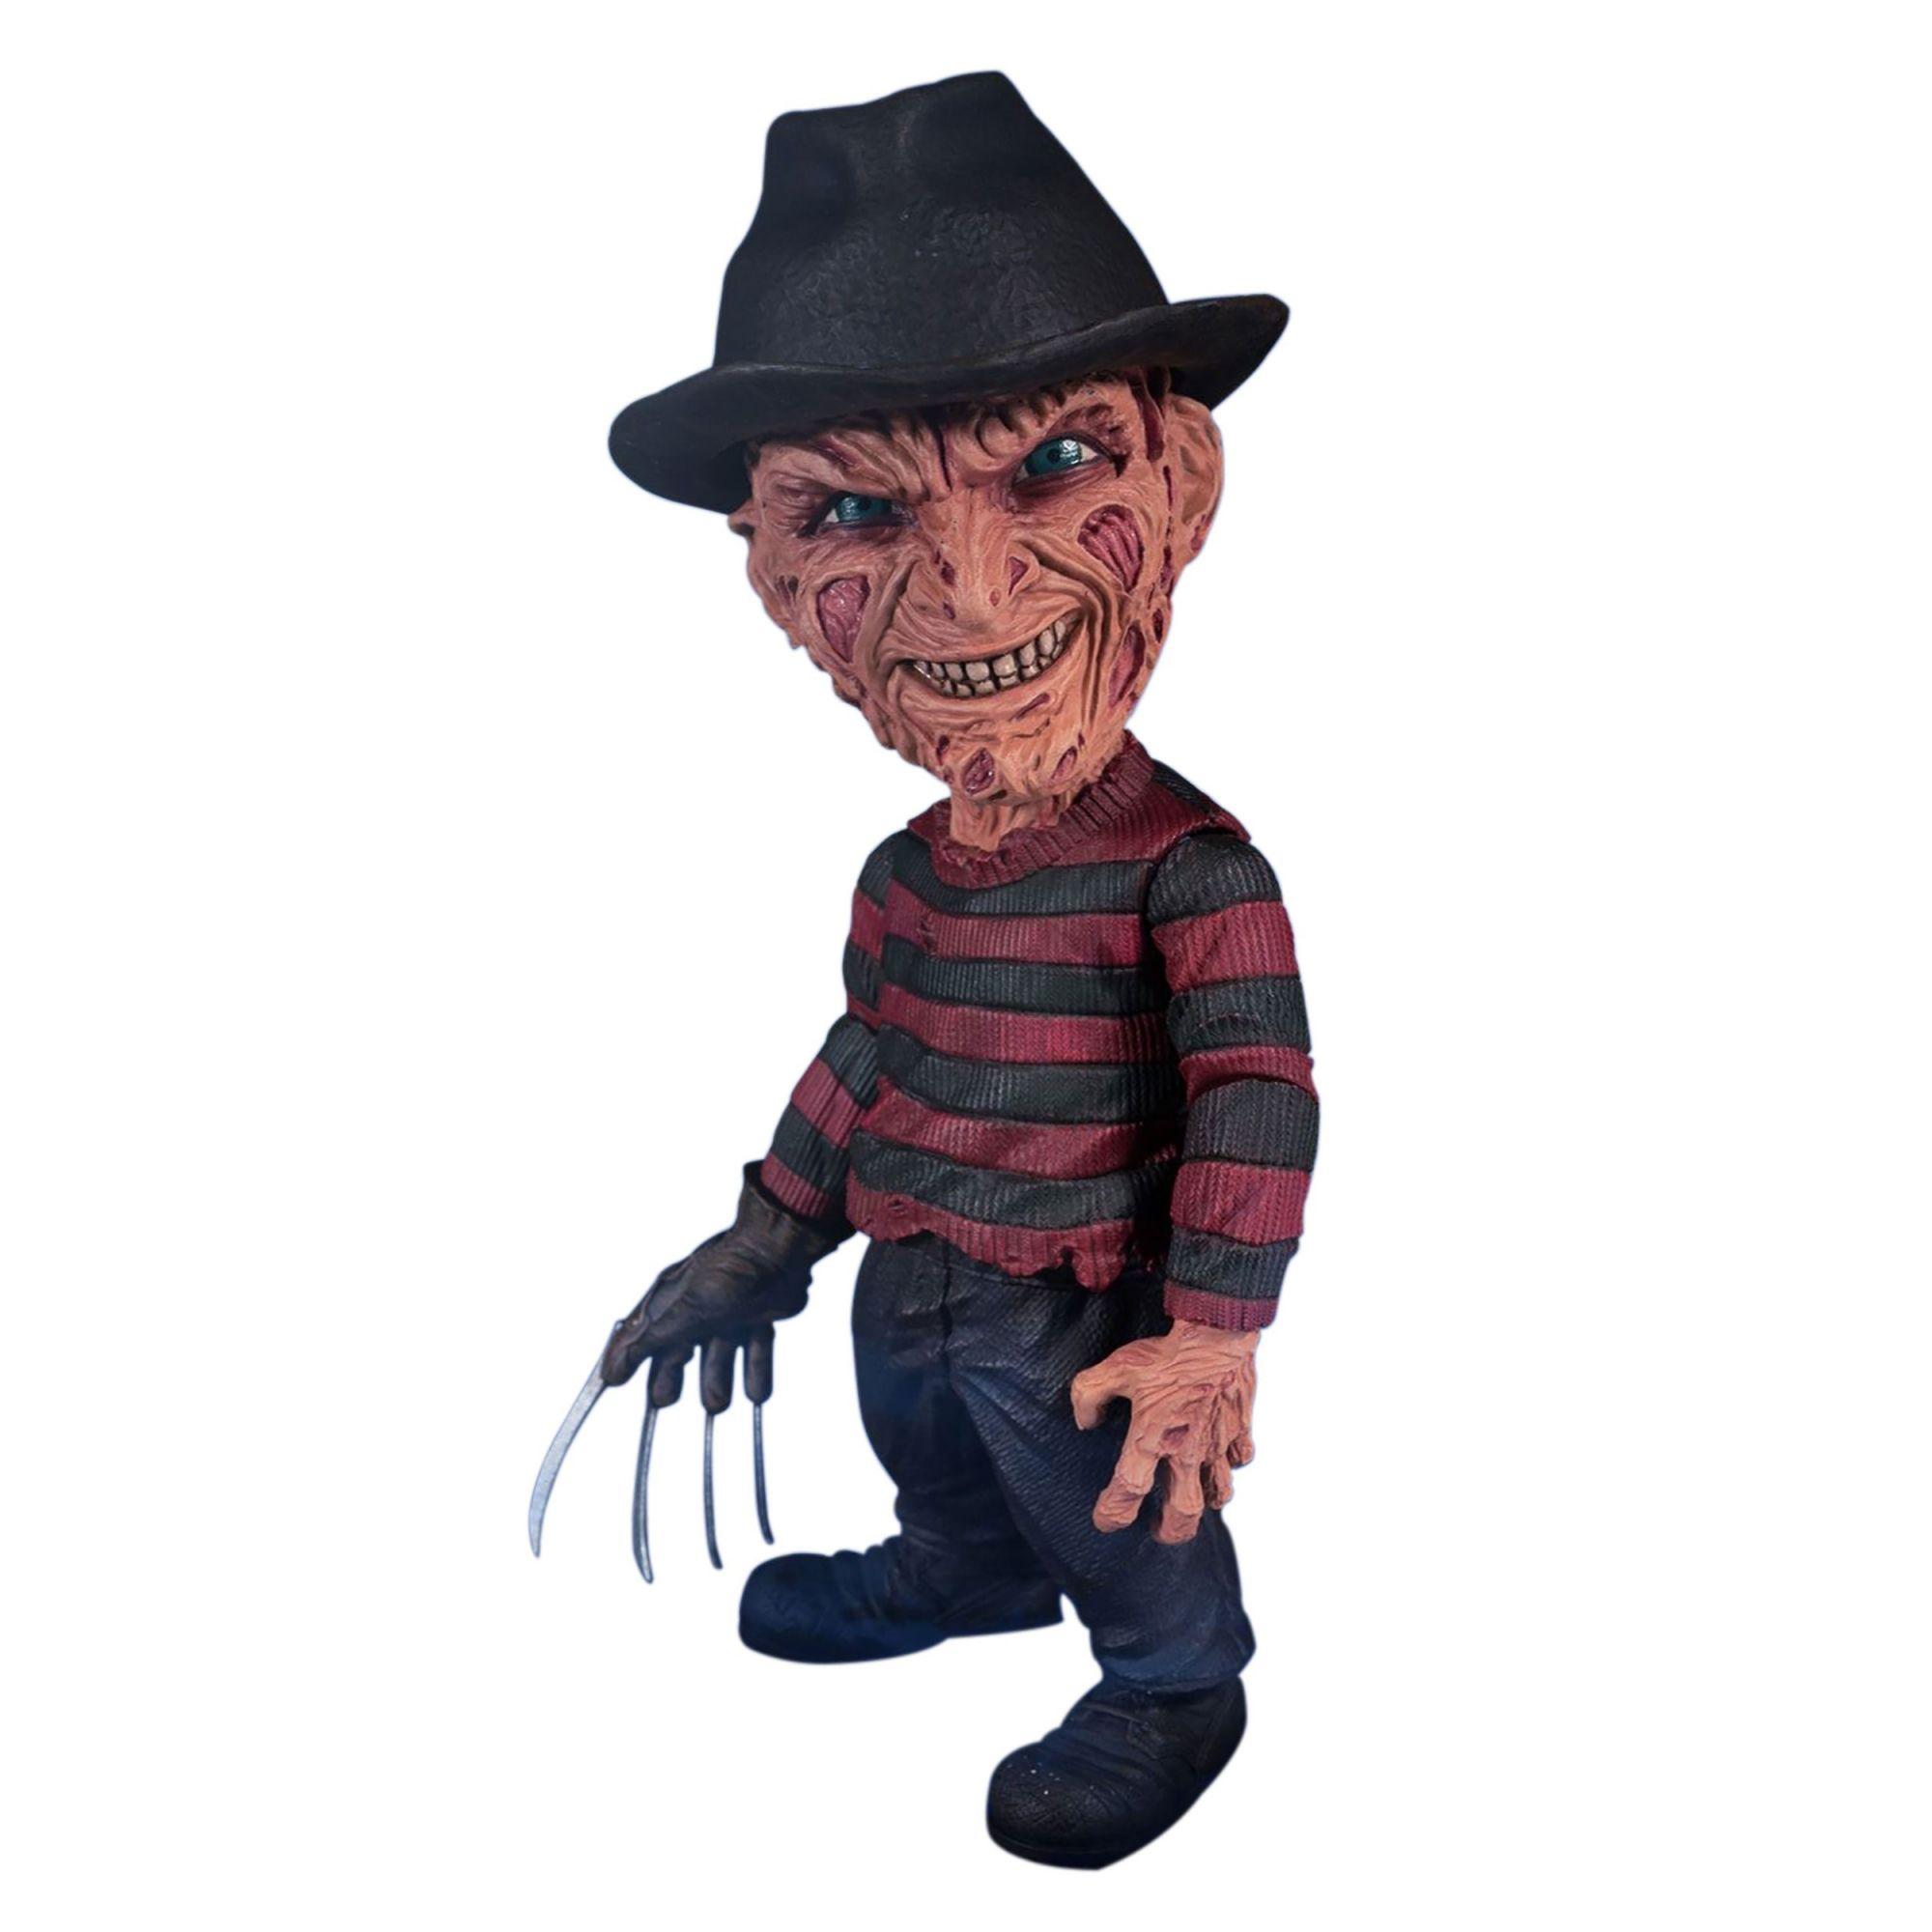 Action Figure Freddy Krueger: A Hora do Pesadelo 3 (A Nightmare on Elm Street 3) MDS (Boneco Colecionável) - Mezco